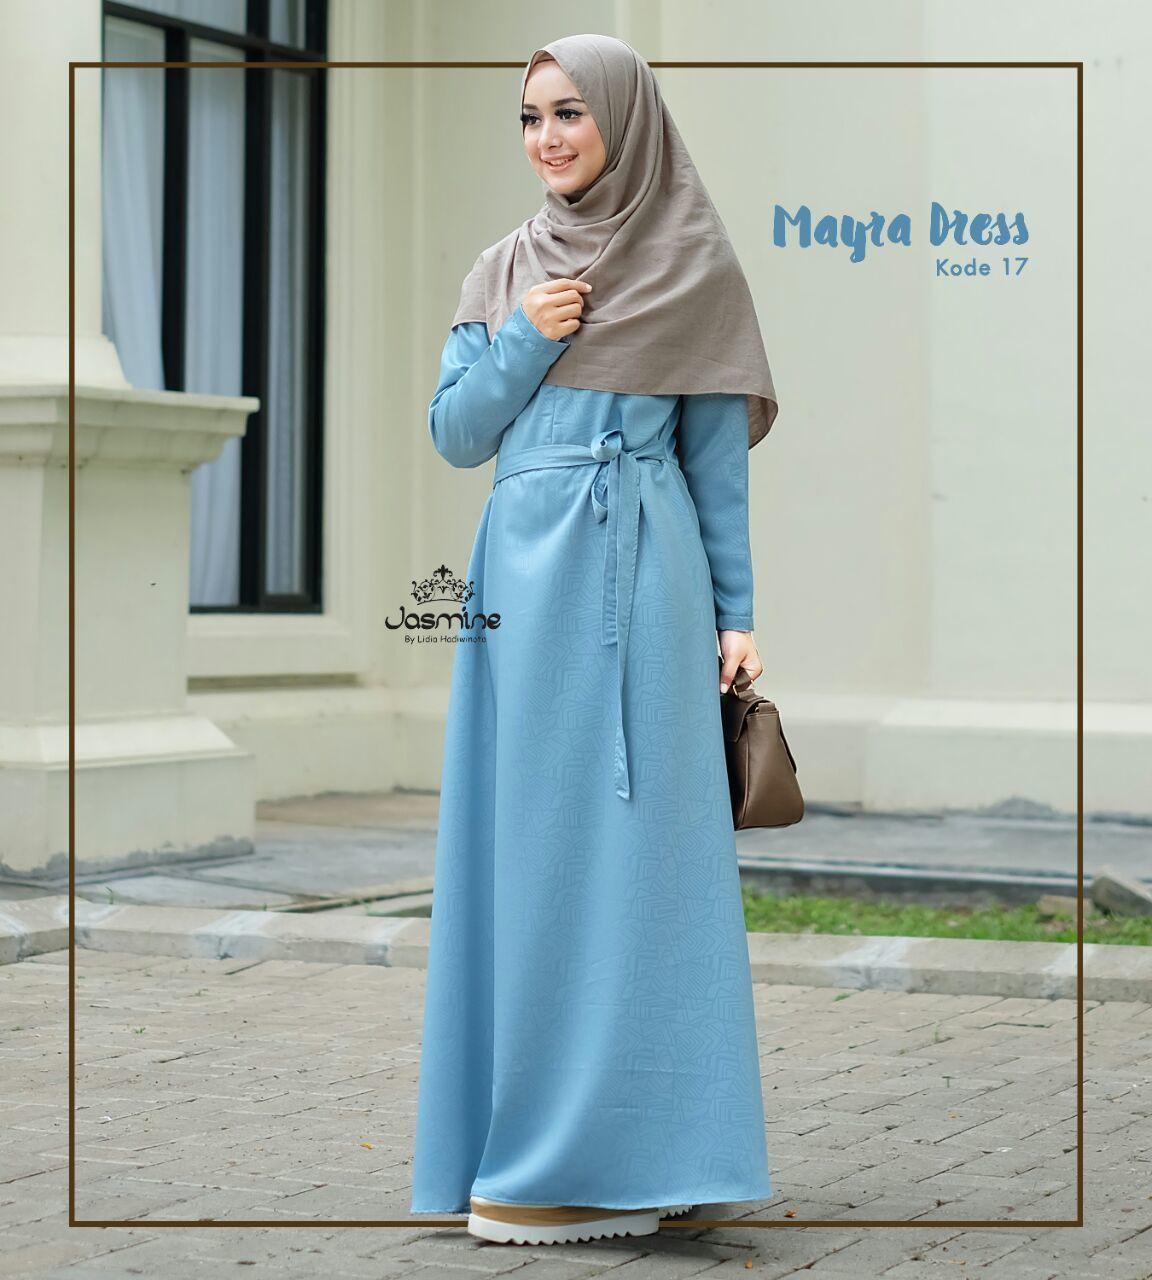 Gamis Jasmine Mayra Dress 17 Baju Wanita Busana Muslim Cantik Katun Hitam Rok 05 Untukmu Yg Syari Dan